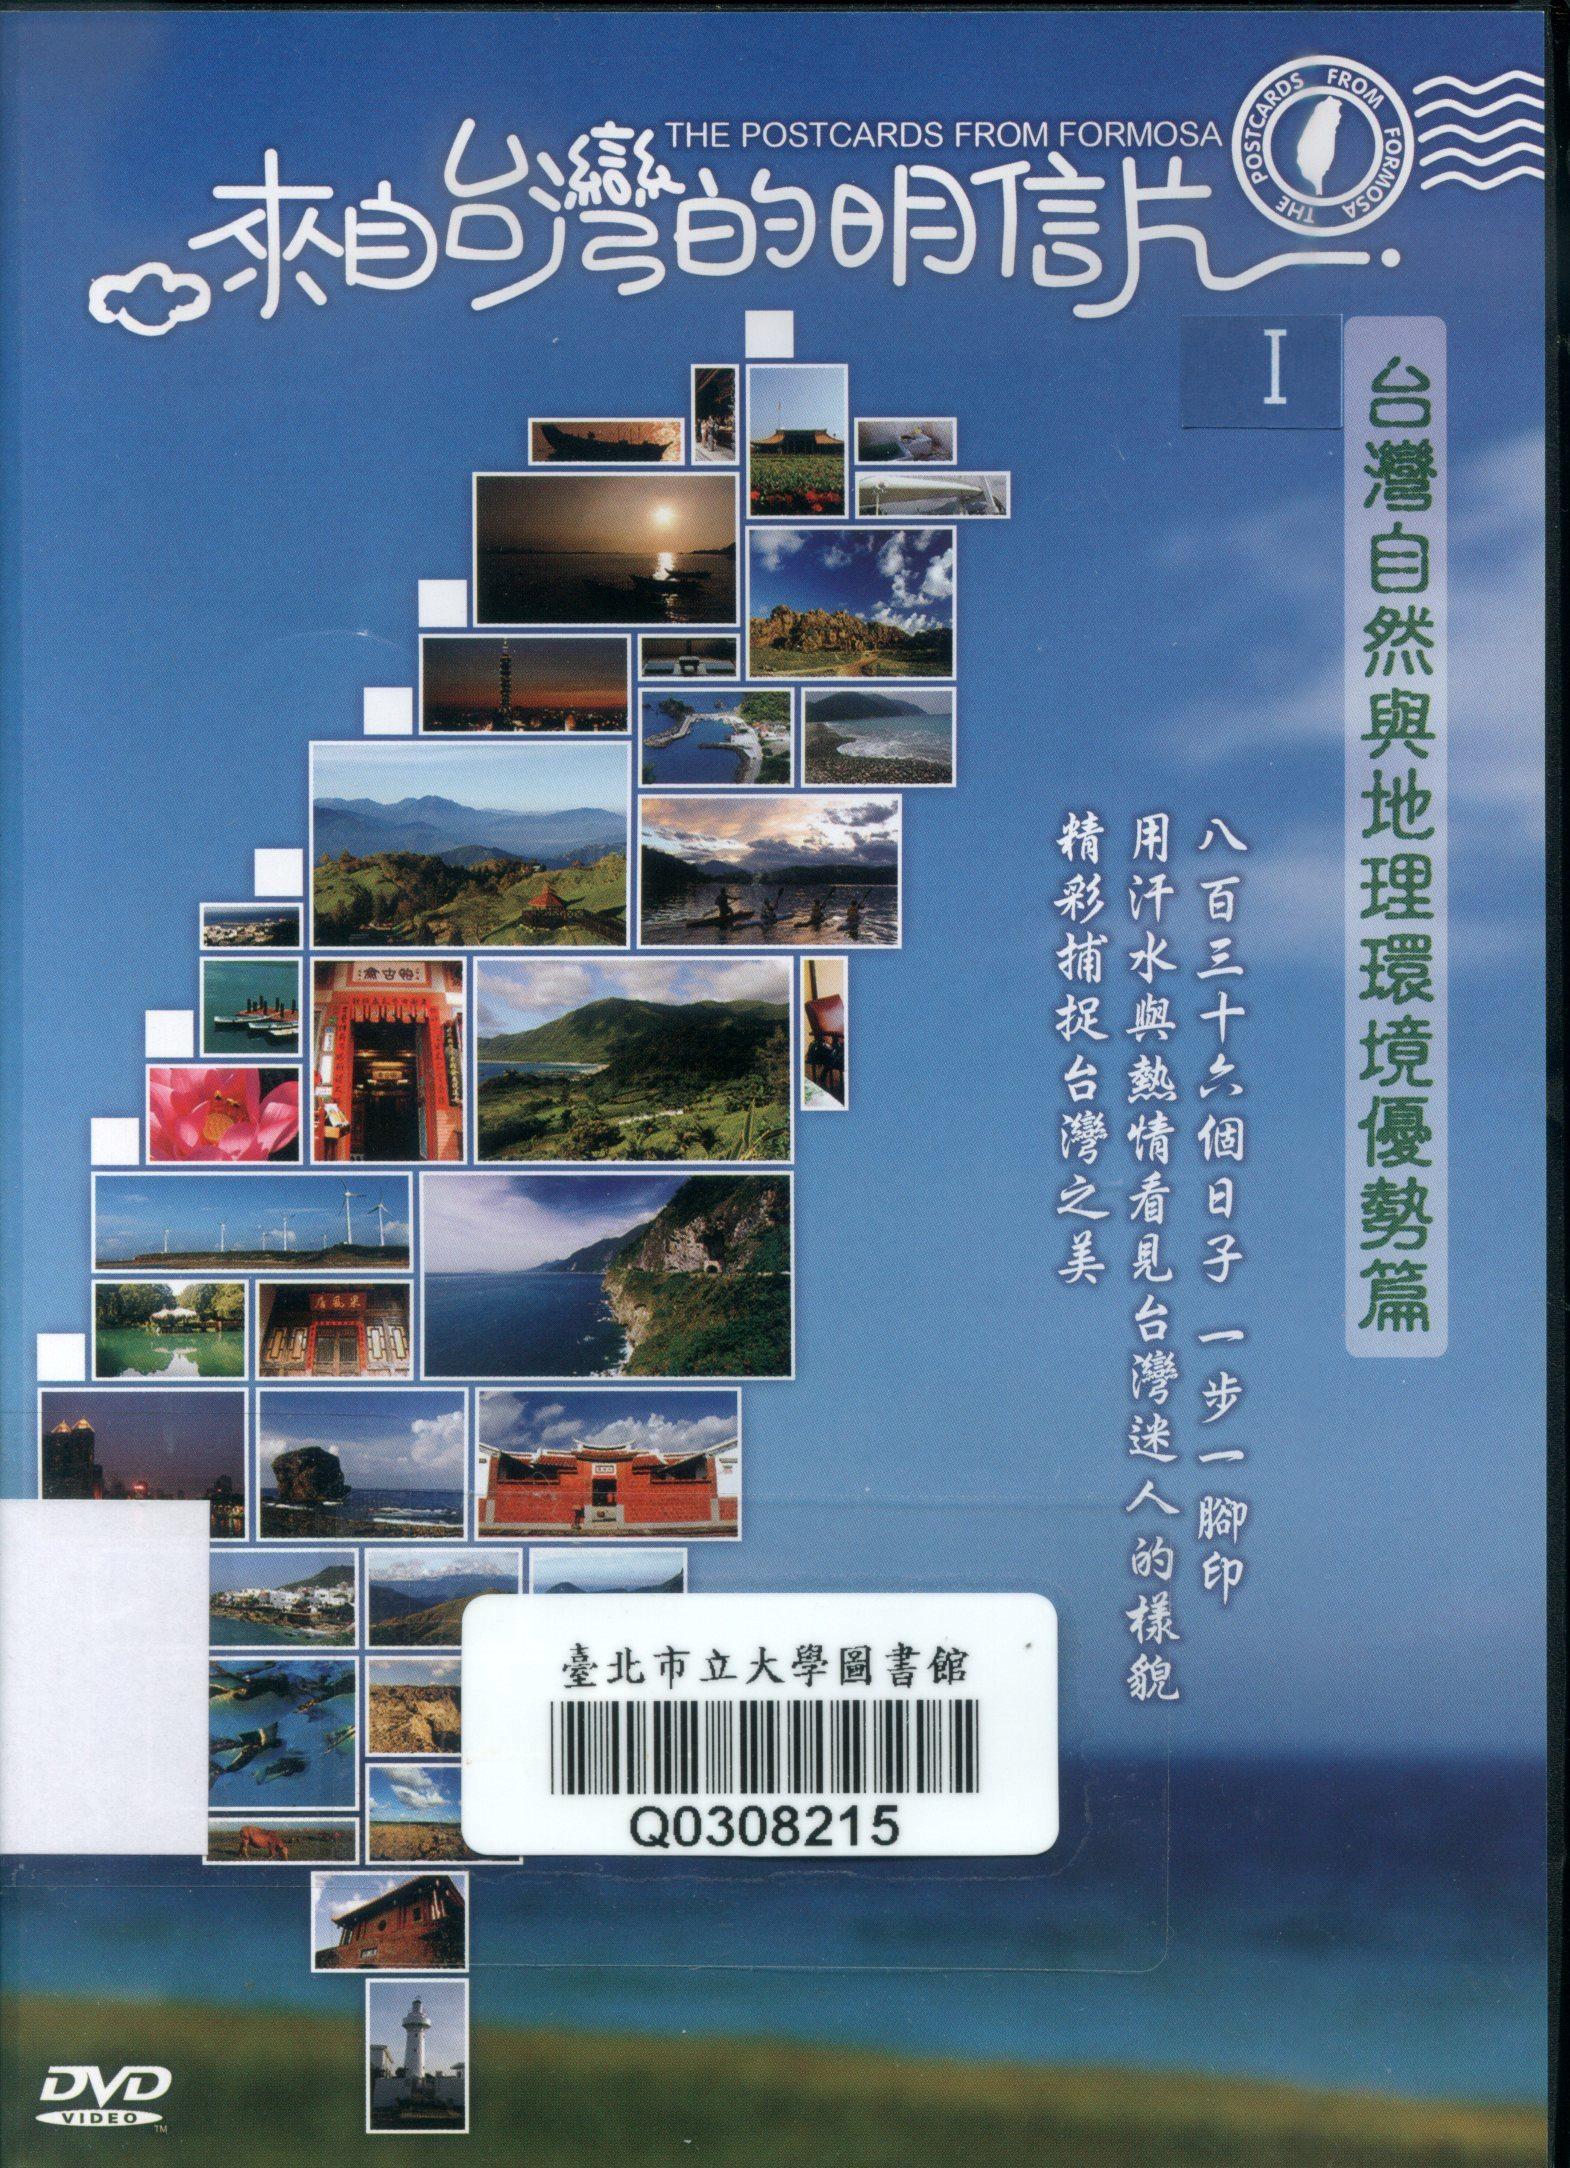 來自台灣的明信片I : 台灣自然與地理環境優勢篇